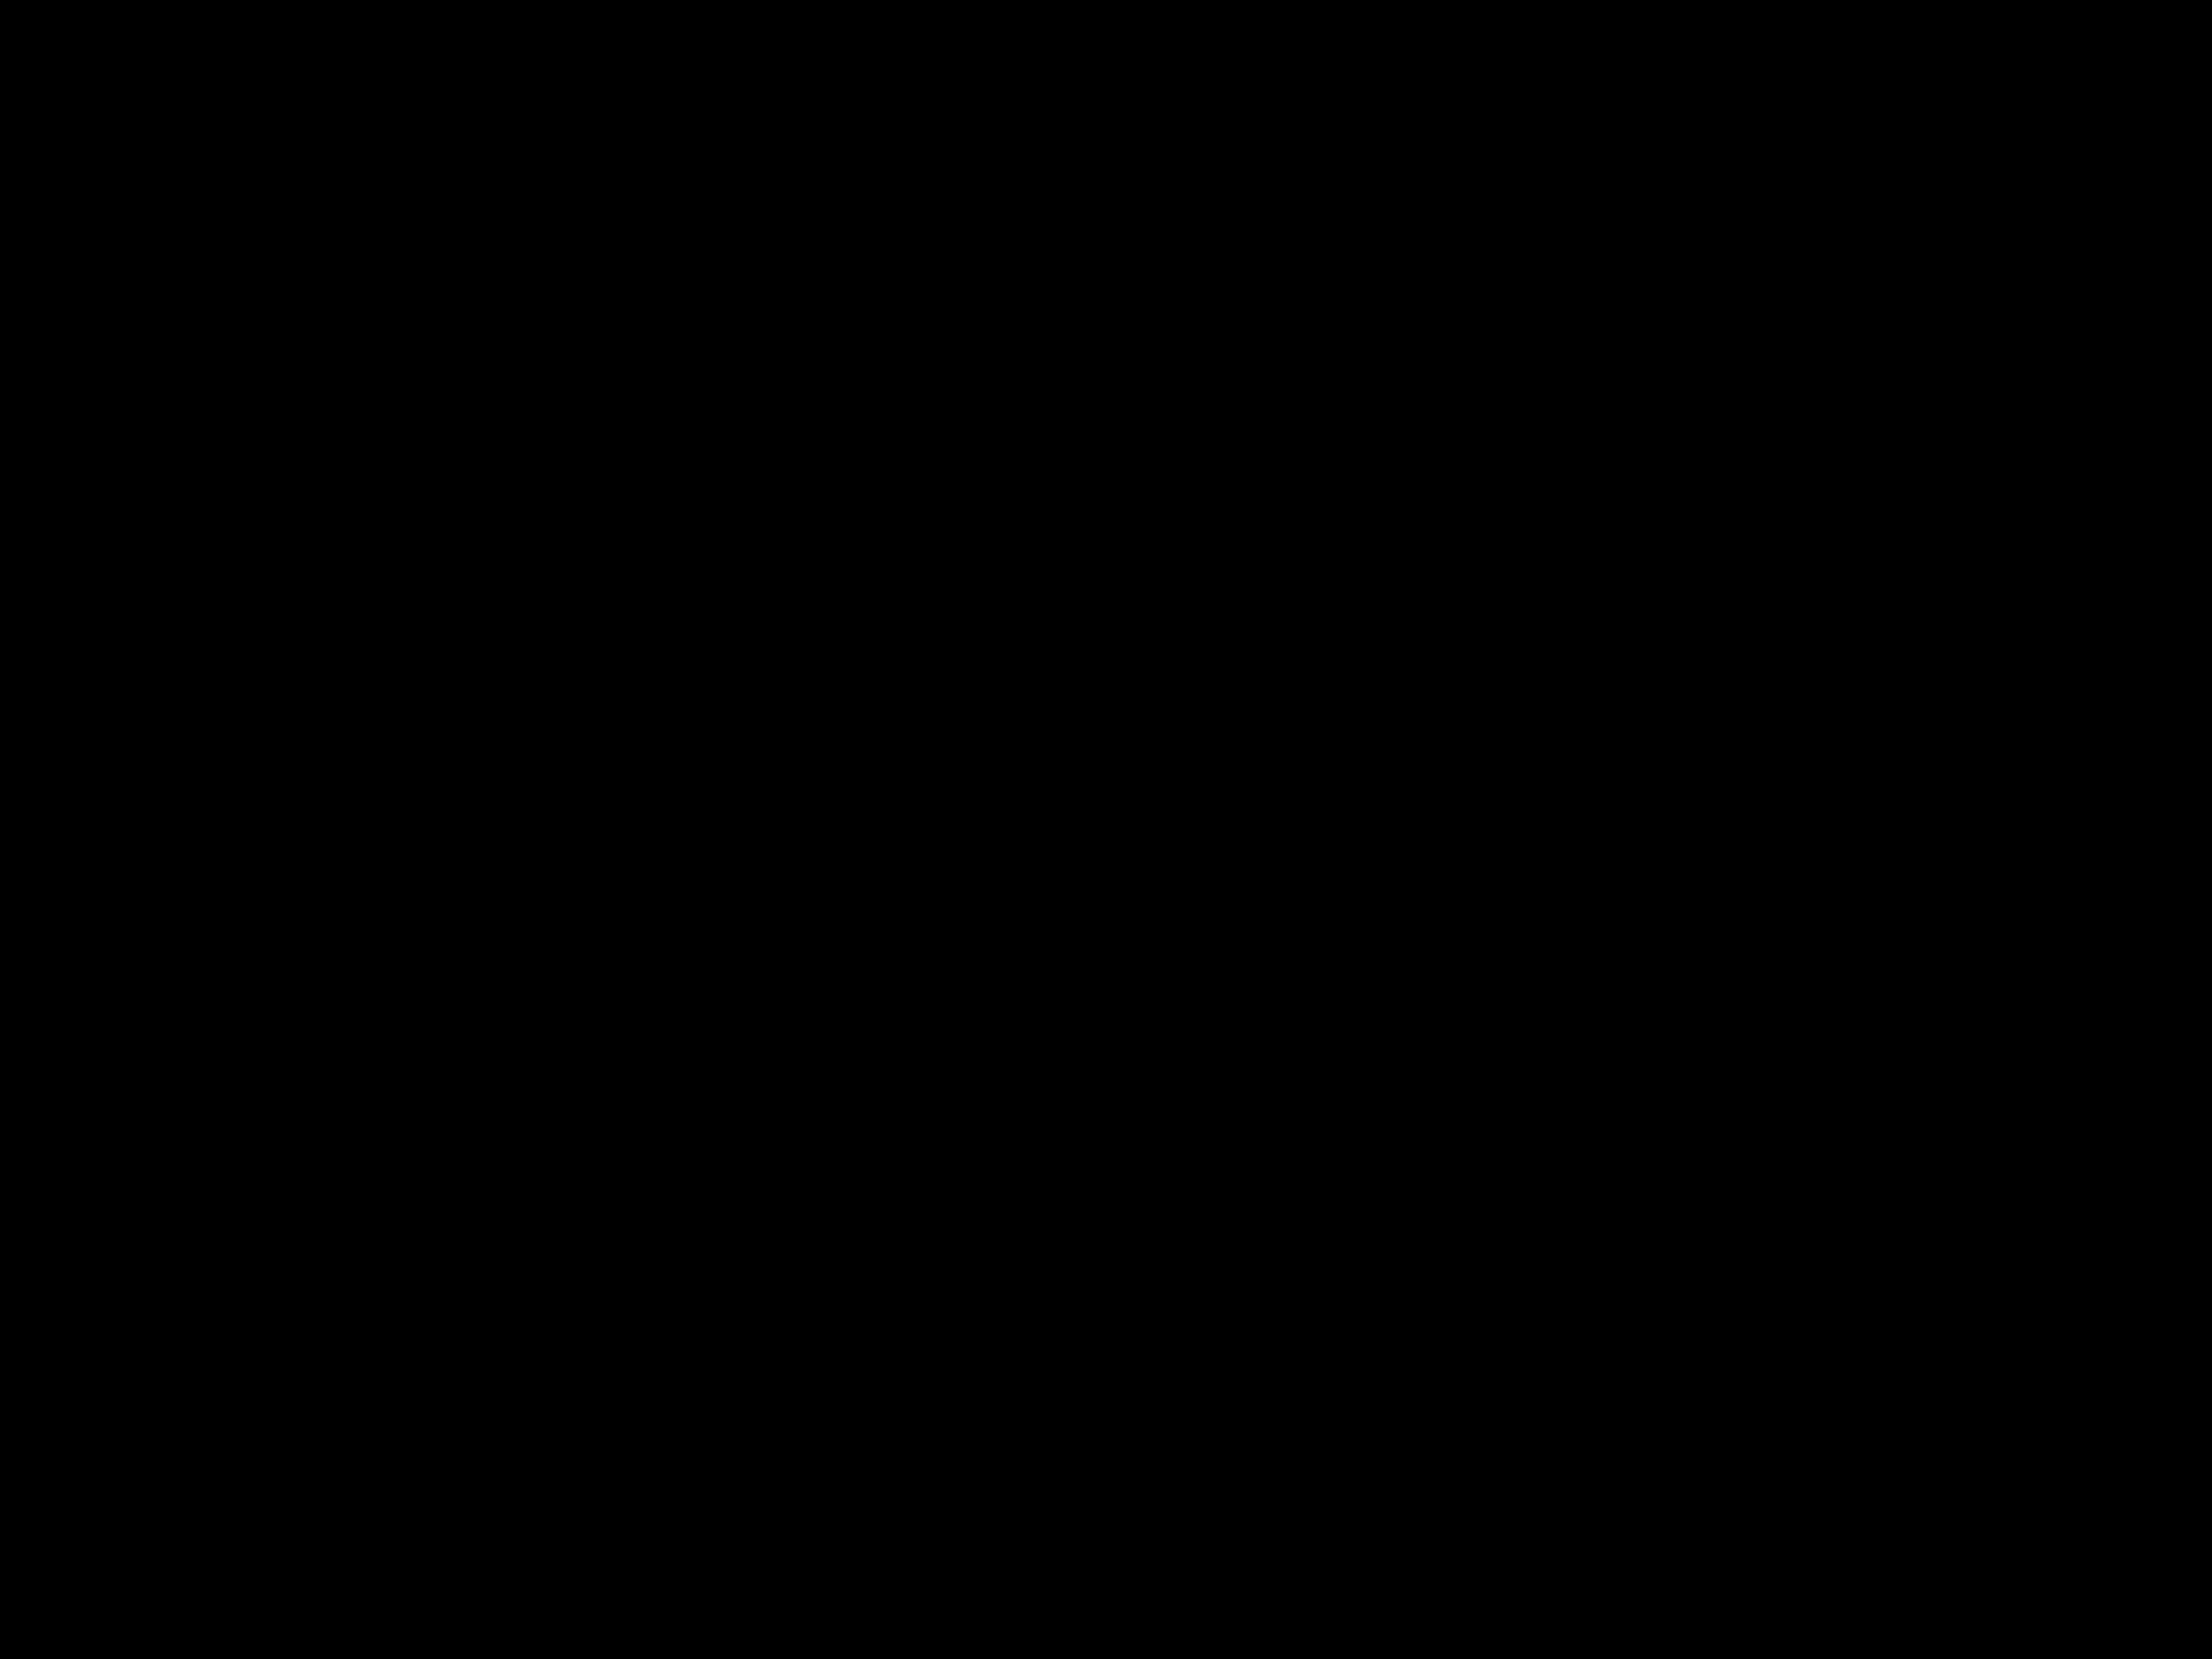 sabian-logo-5